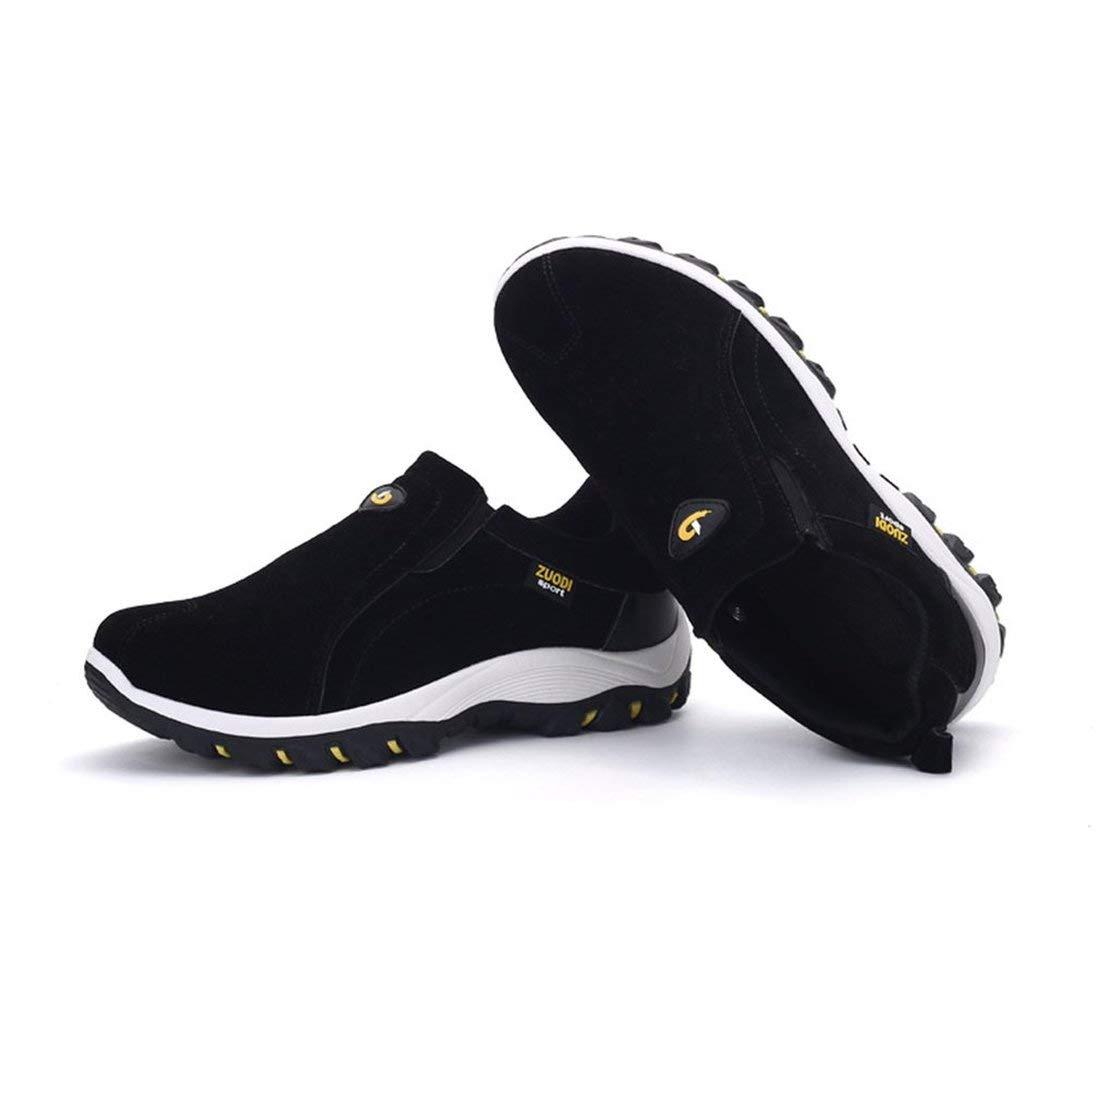 52969cb6 Zapatos de Hombre de de de Moda Escalada al Aire Libre Senderismo  Antideslizante Sole Wear Resistant